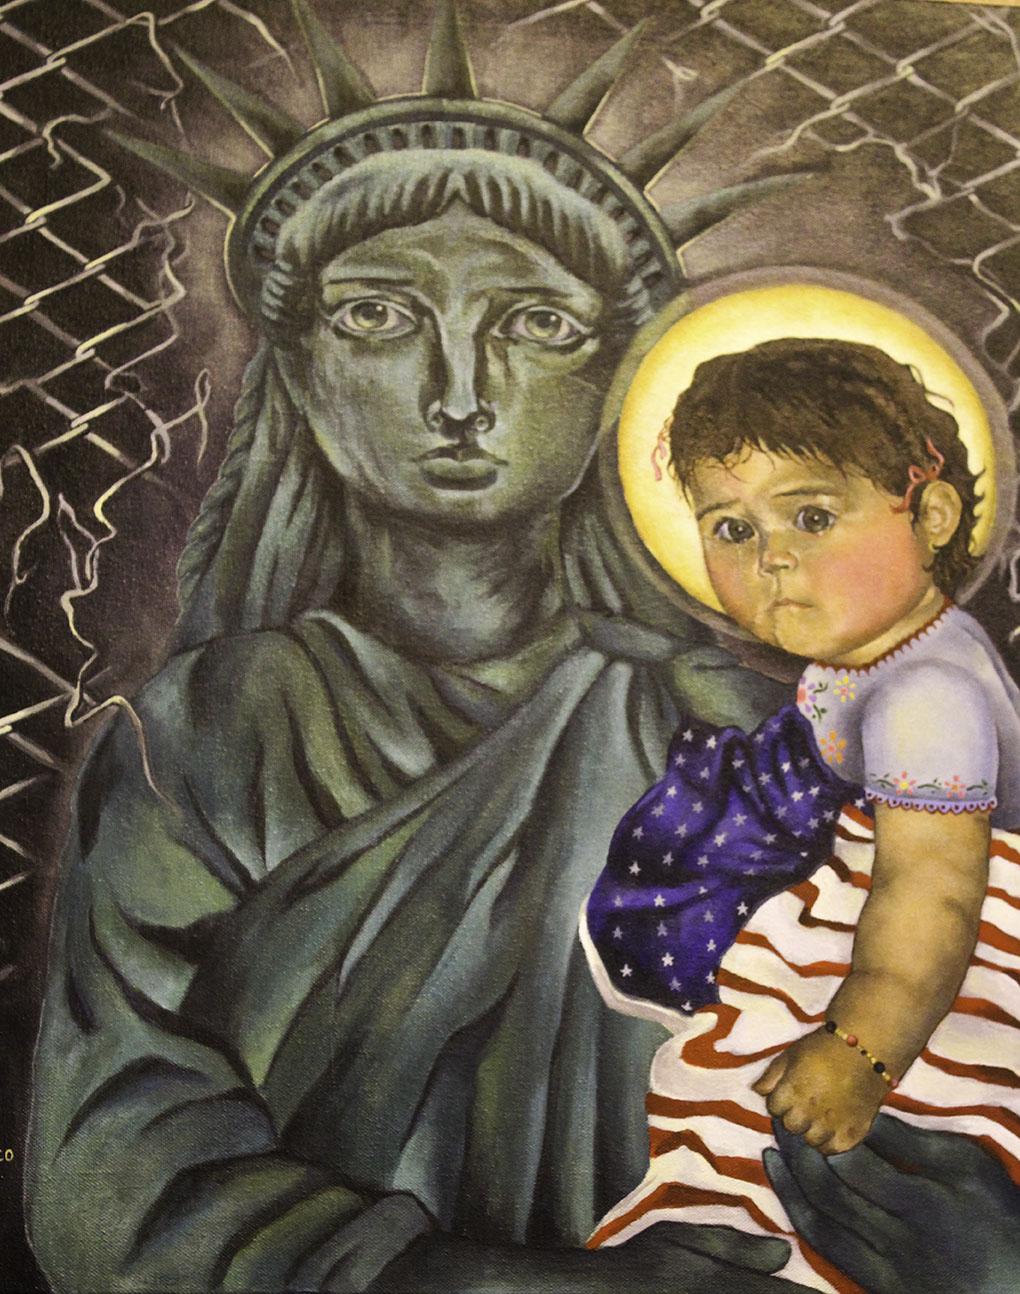 Pieza hecha debido a la reciente separación de niños migrantes de sus familias.